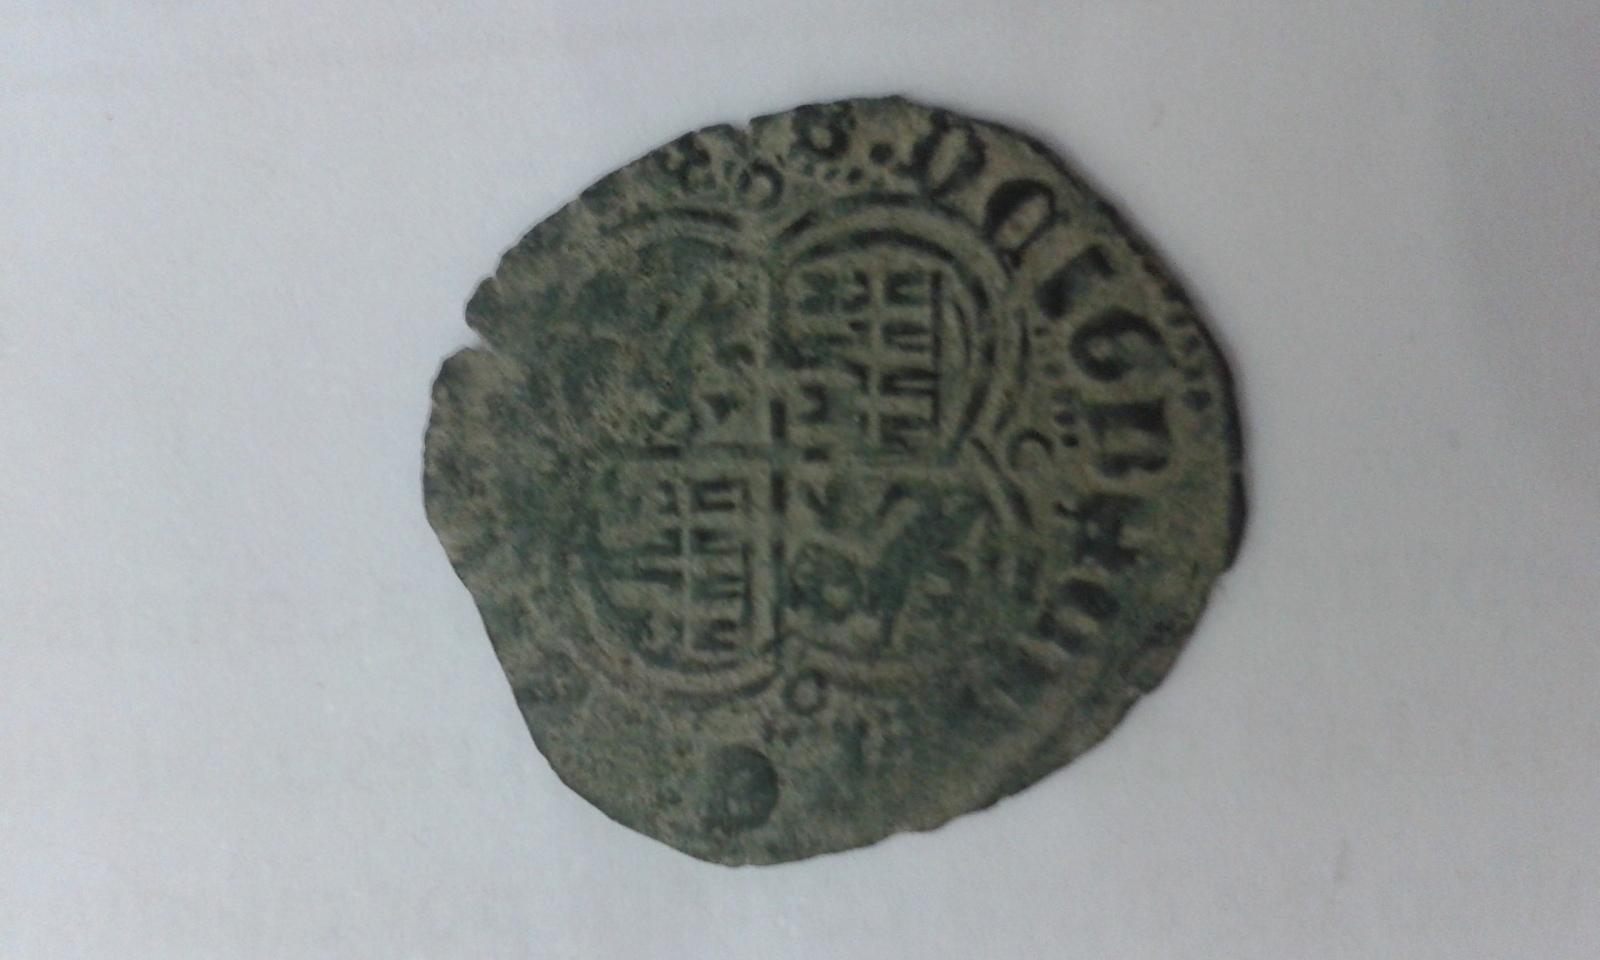 Real de vellon de Enrique II 1369-1379. 34ypl6x